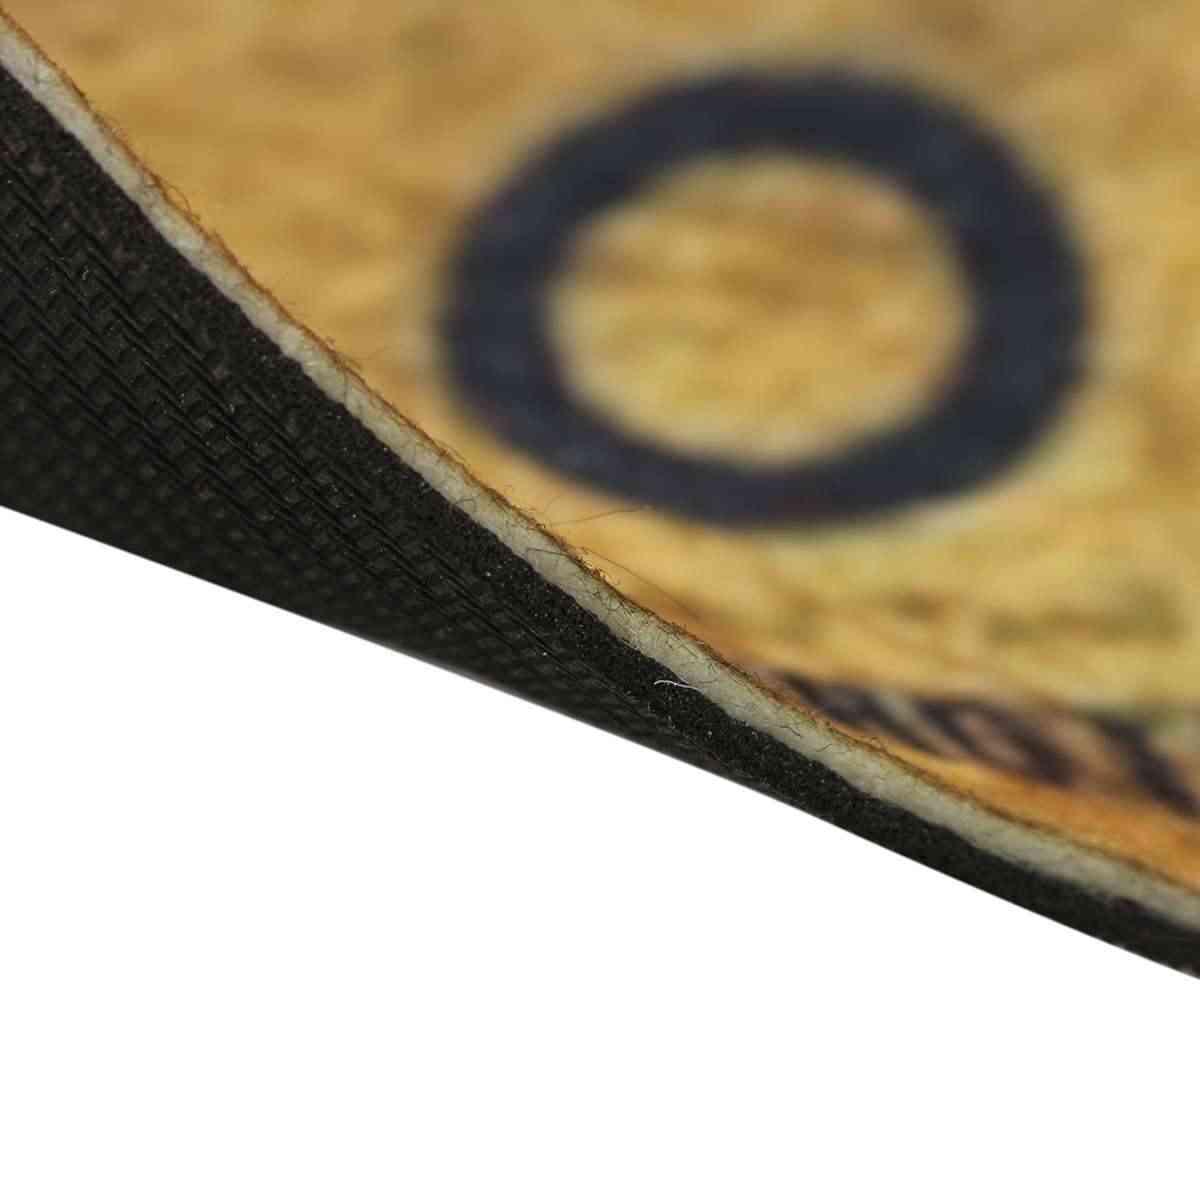 ウイジャ盤ポリエステル繊維ドアマットアートデザインパターンプリントカーペット階ホール寝室クールパッドノンスリップファッション敷物 2 サイズ